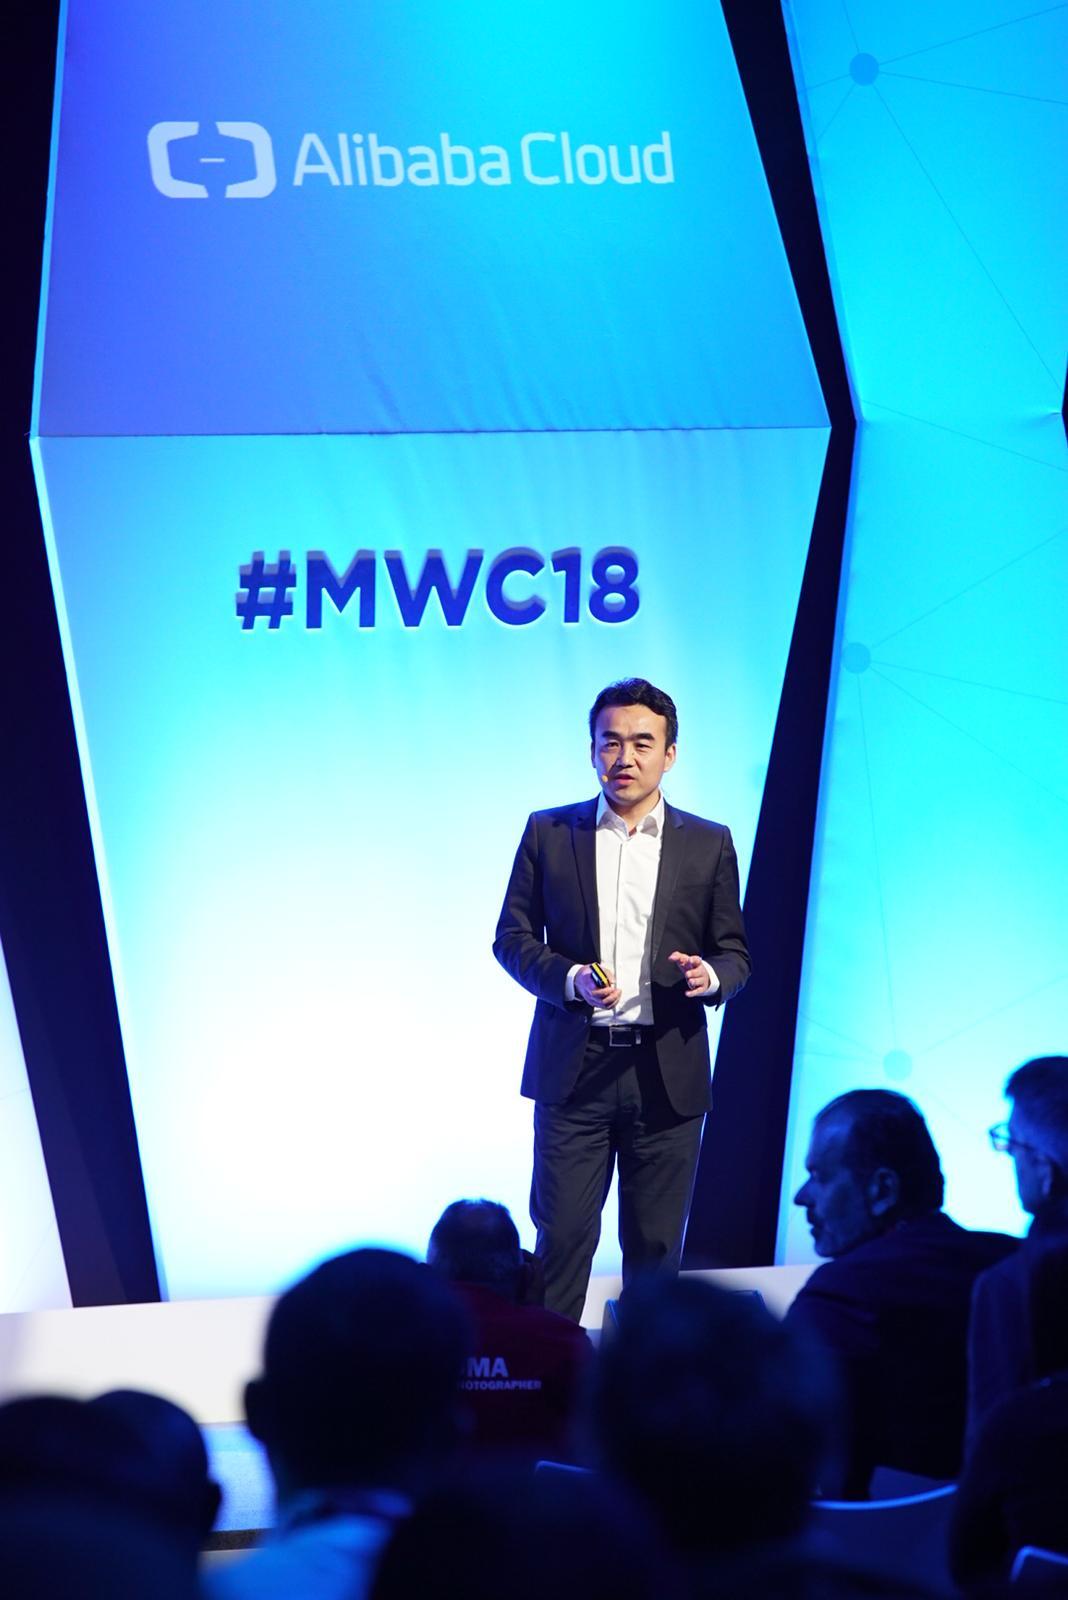 Alibaba Luncurkan Layanan Cloud dan Solusi Artificial Intelligence